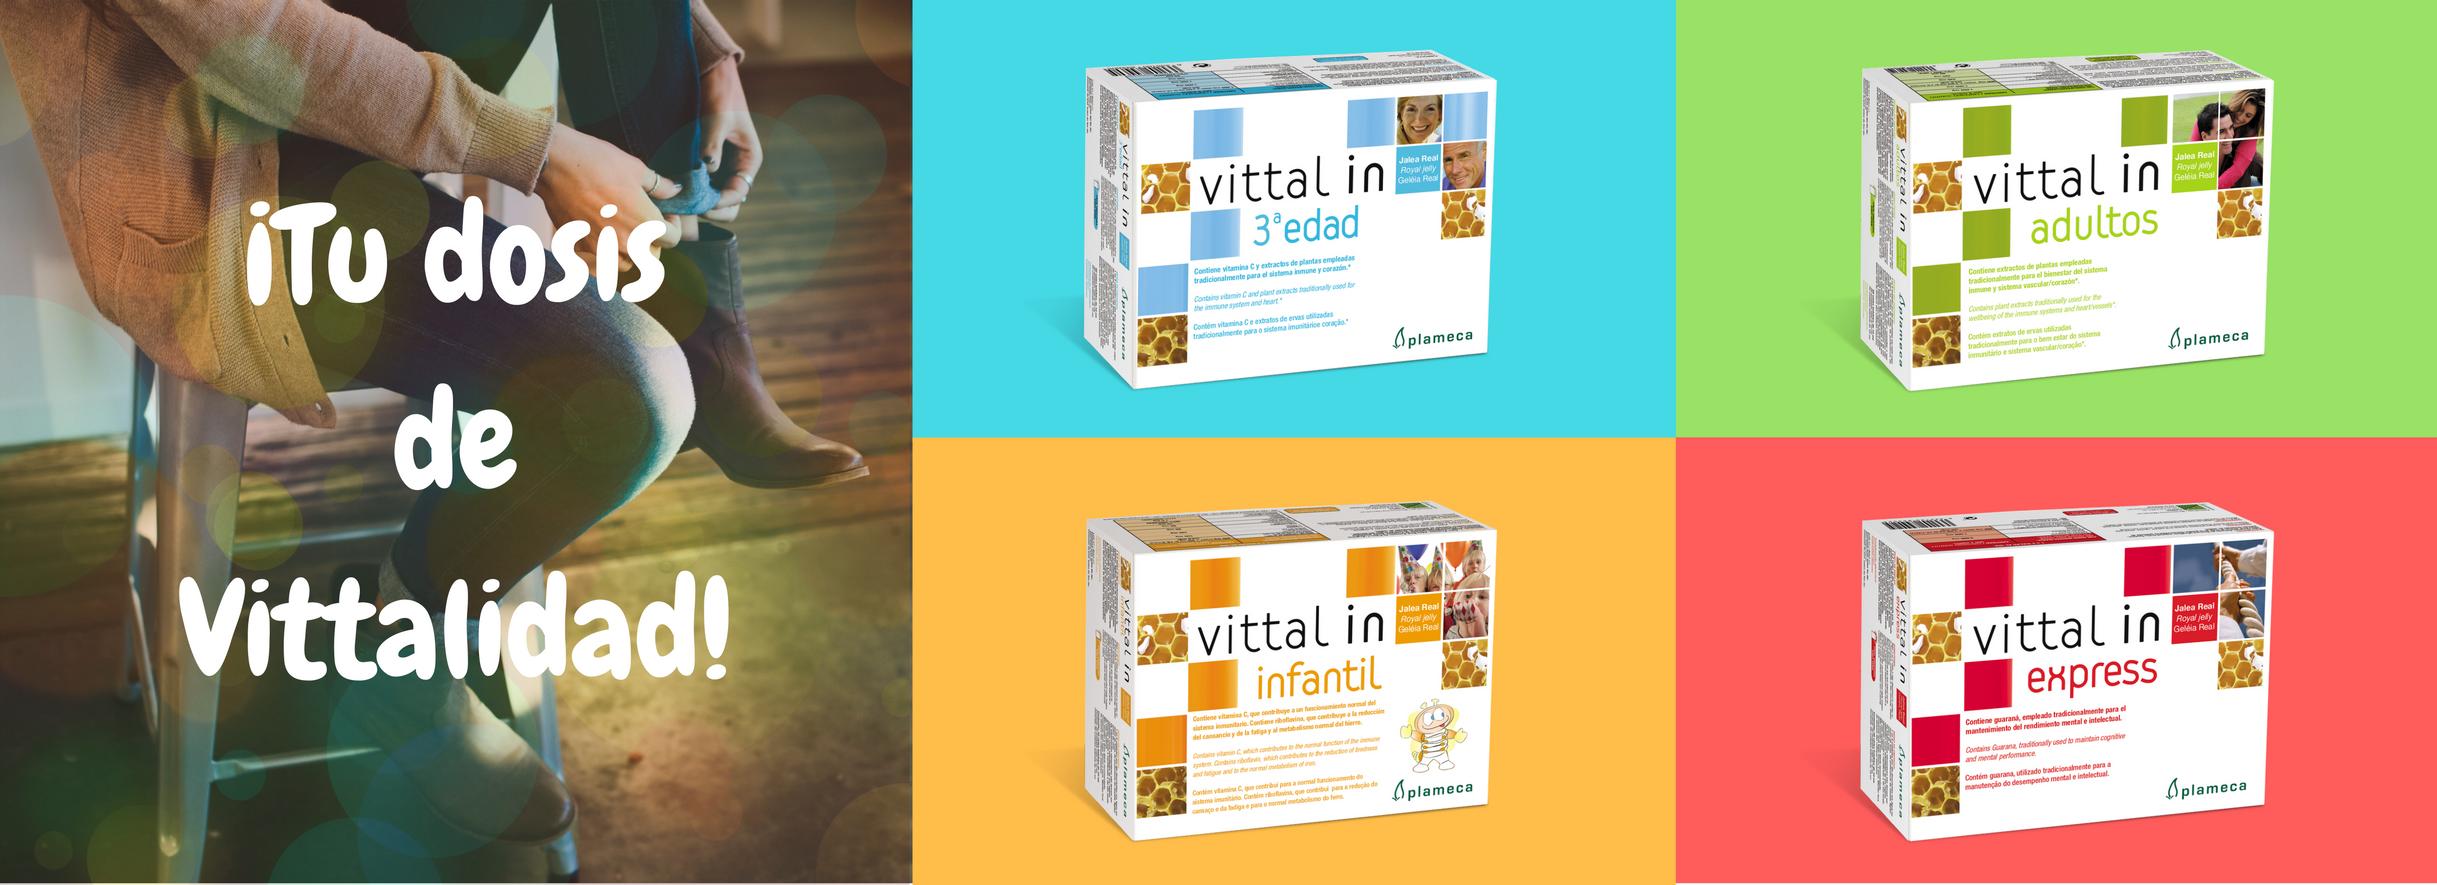 Vittal-In